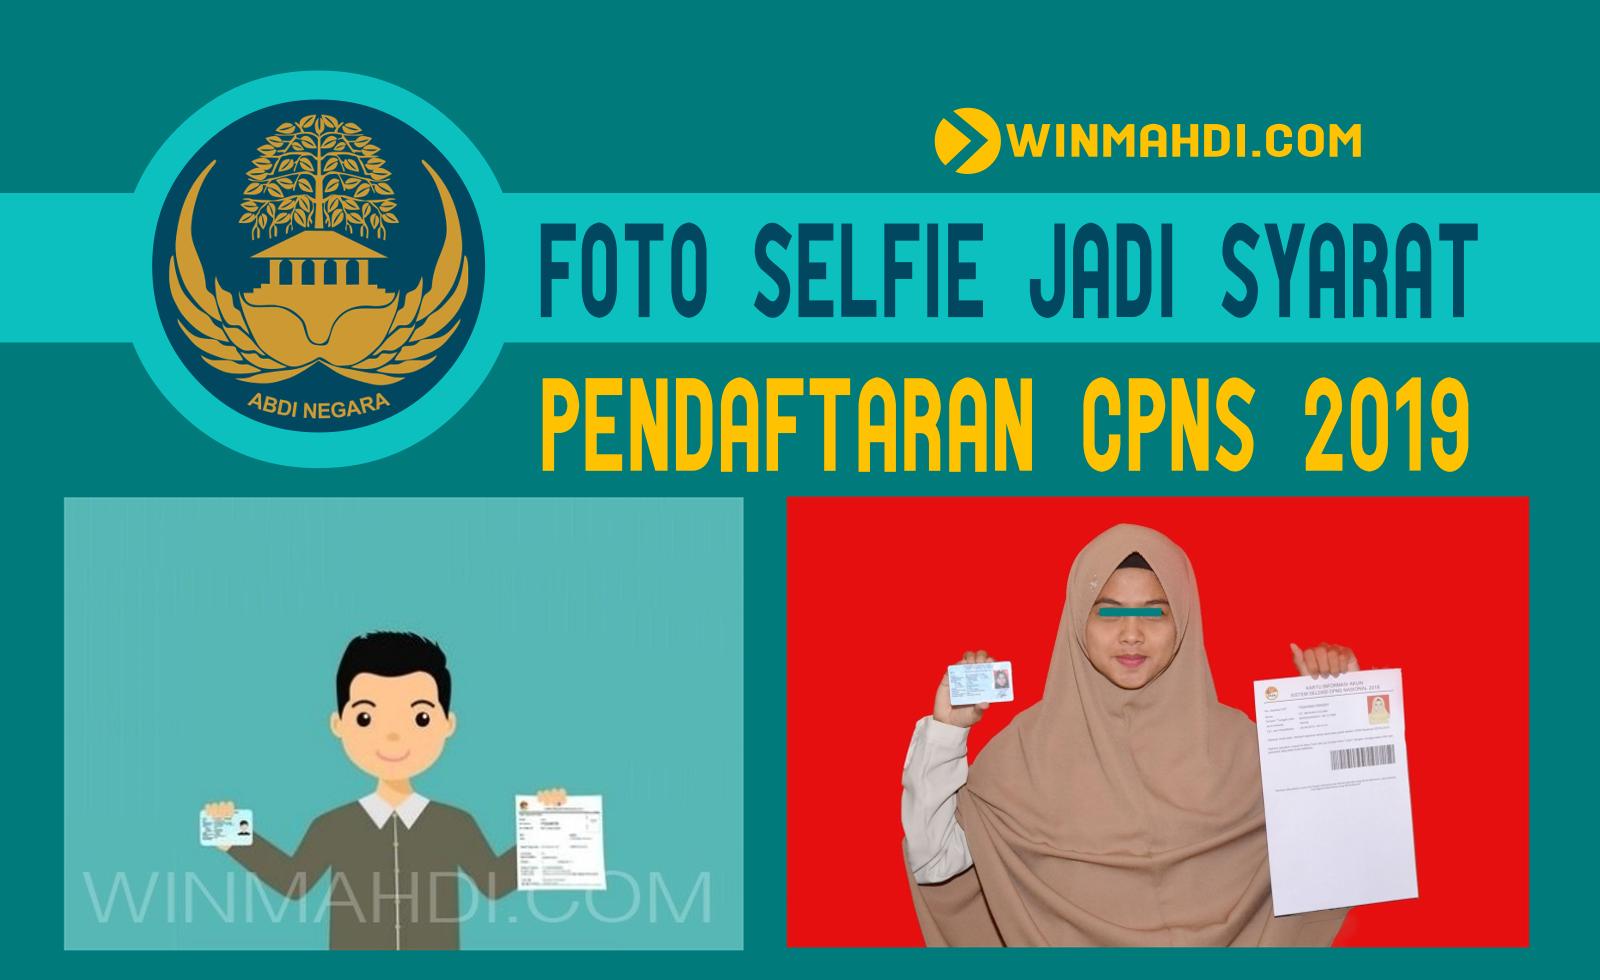 foto selfie cpns 2019